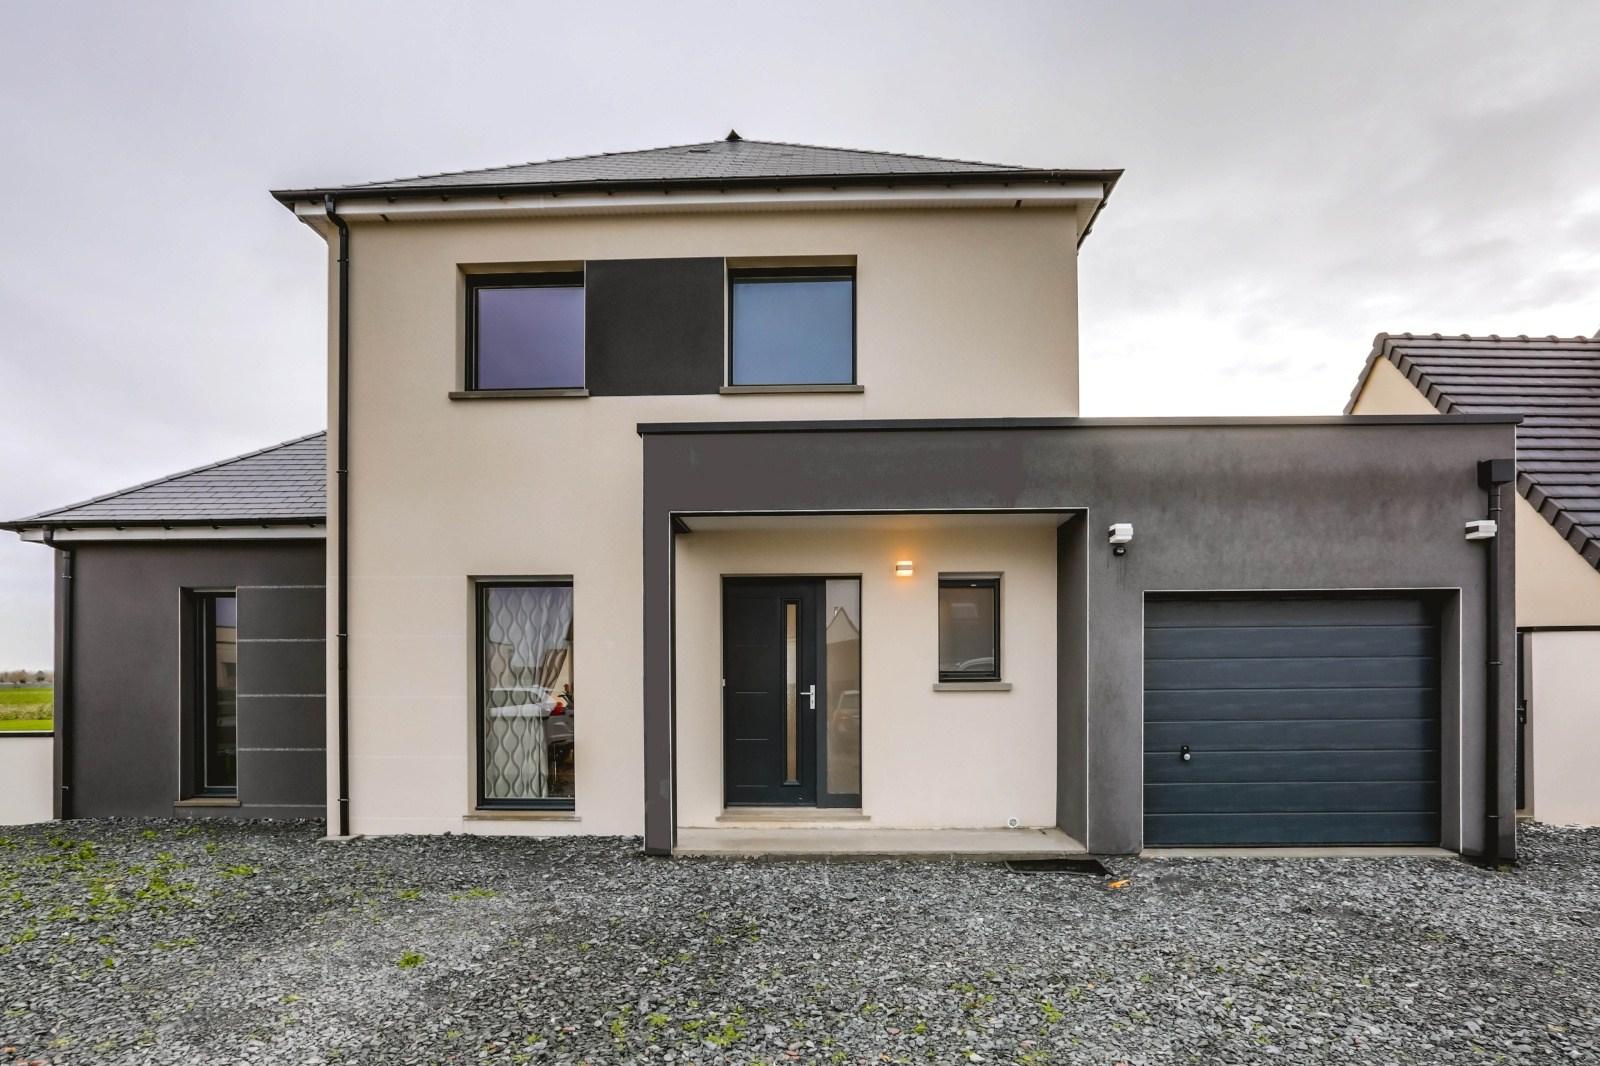 Maisons + Terrains du constructeur Maison Familiale Tours • 120 m² • CHANCEAUX SUR CHOISILLE